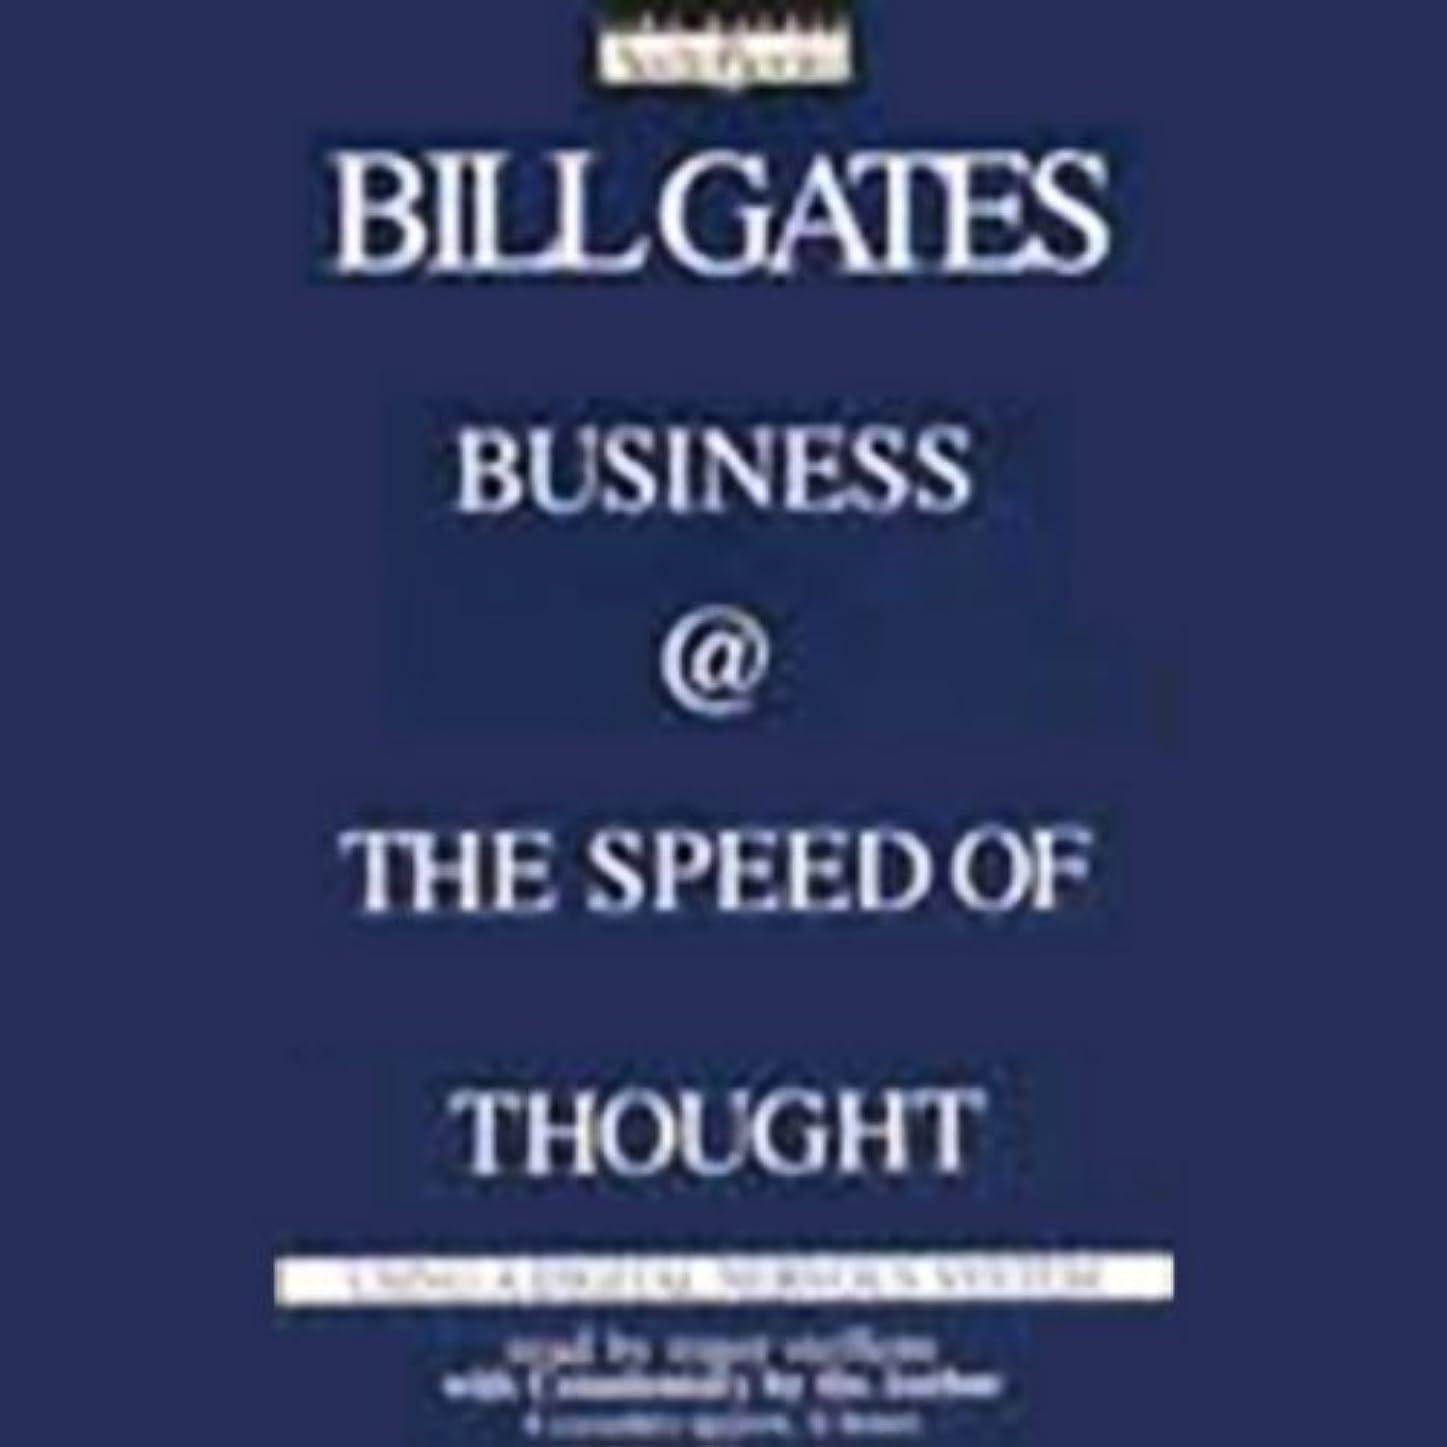 肝まっすぐにする倍率Business @ the Speed of Thought: Using a Digital Nervous System